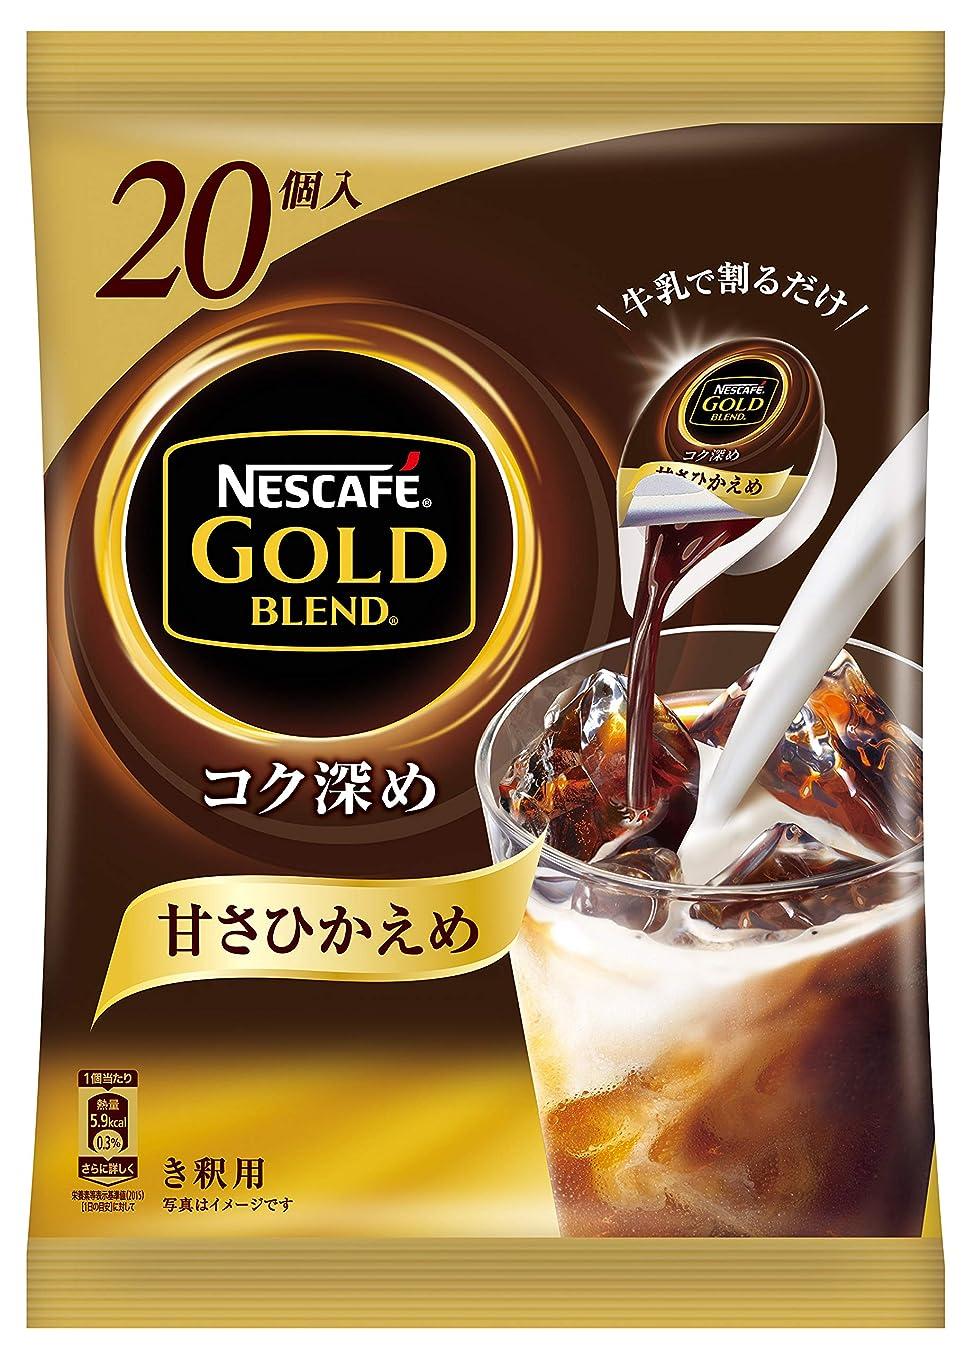 潮先祈るネスカフェ ゴールドブレンド コク深め ポーション 甘さひかえめ 20個×5袋